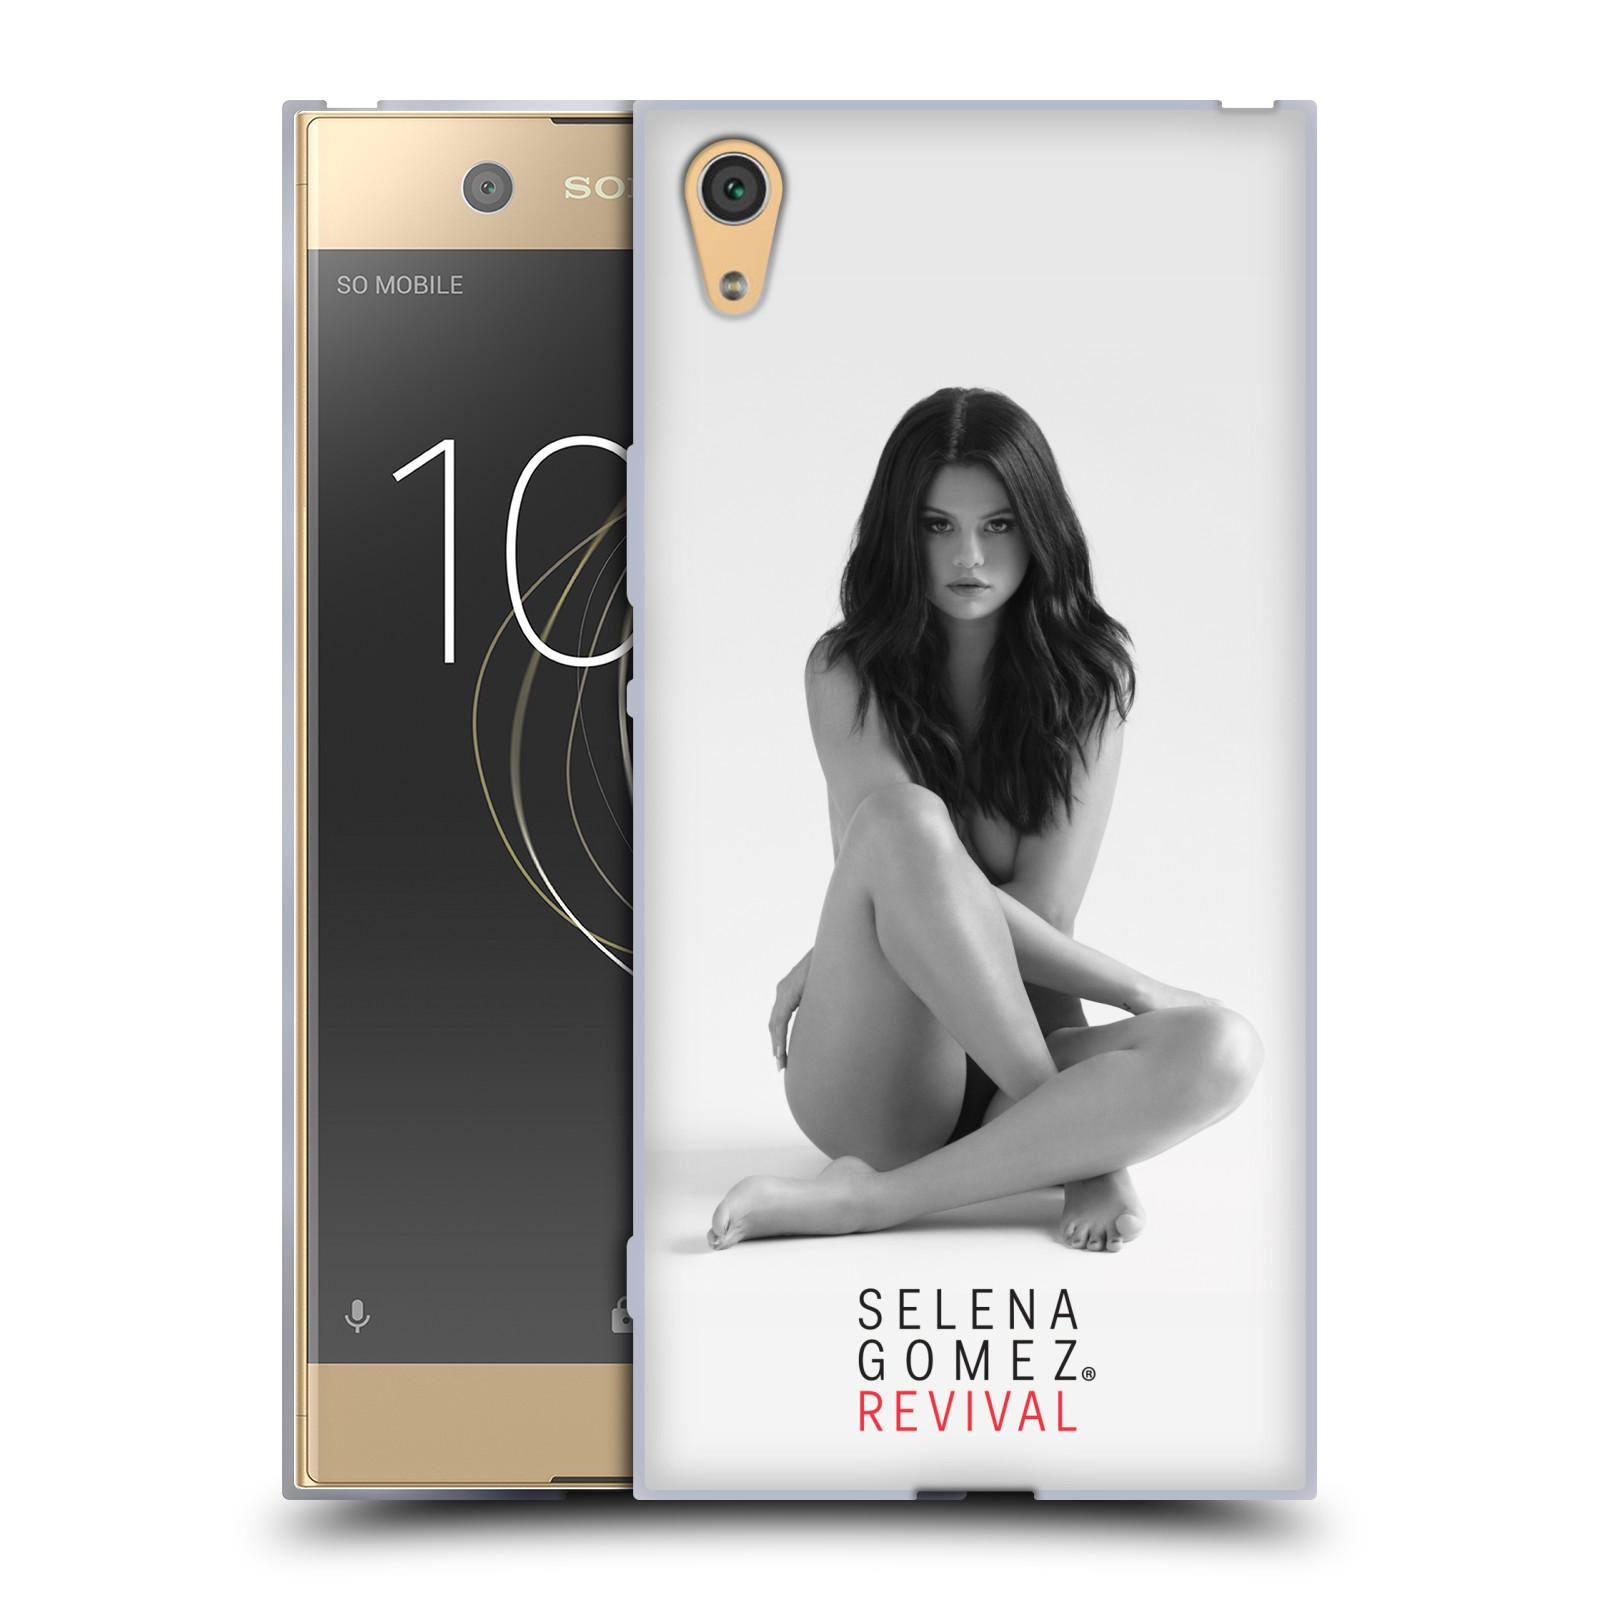 HEAD CASE silikonový obal na mobil Sony Xperia XA1 ULTRA Zpěvačka Selena Gomez foto Revival